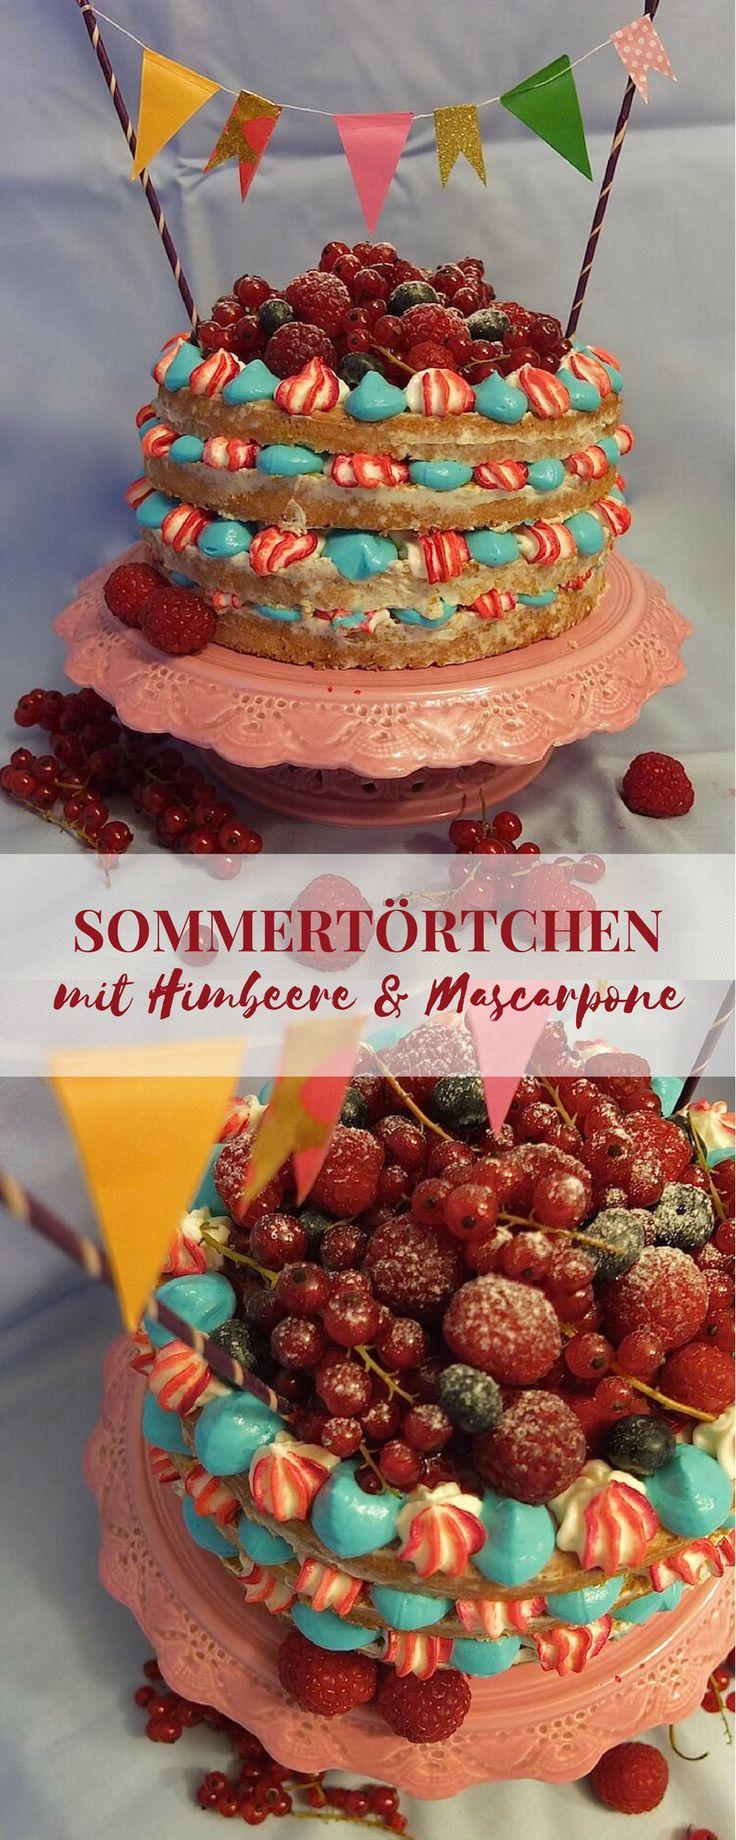 Küchenideen eng erdbeerrhabarbertörtchen mit mascarponecreme  recipe  patisserie